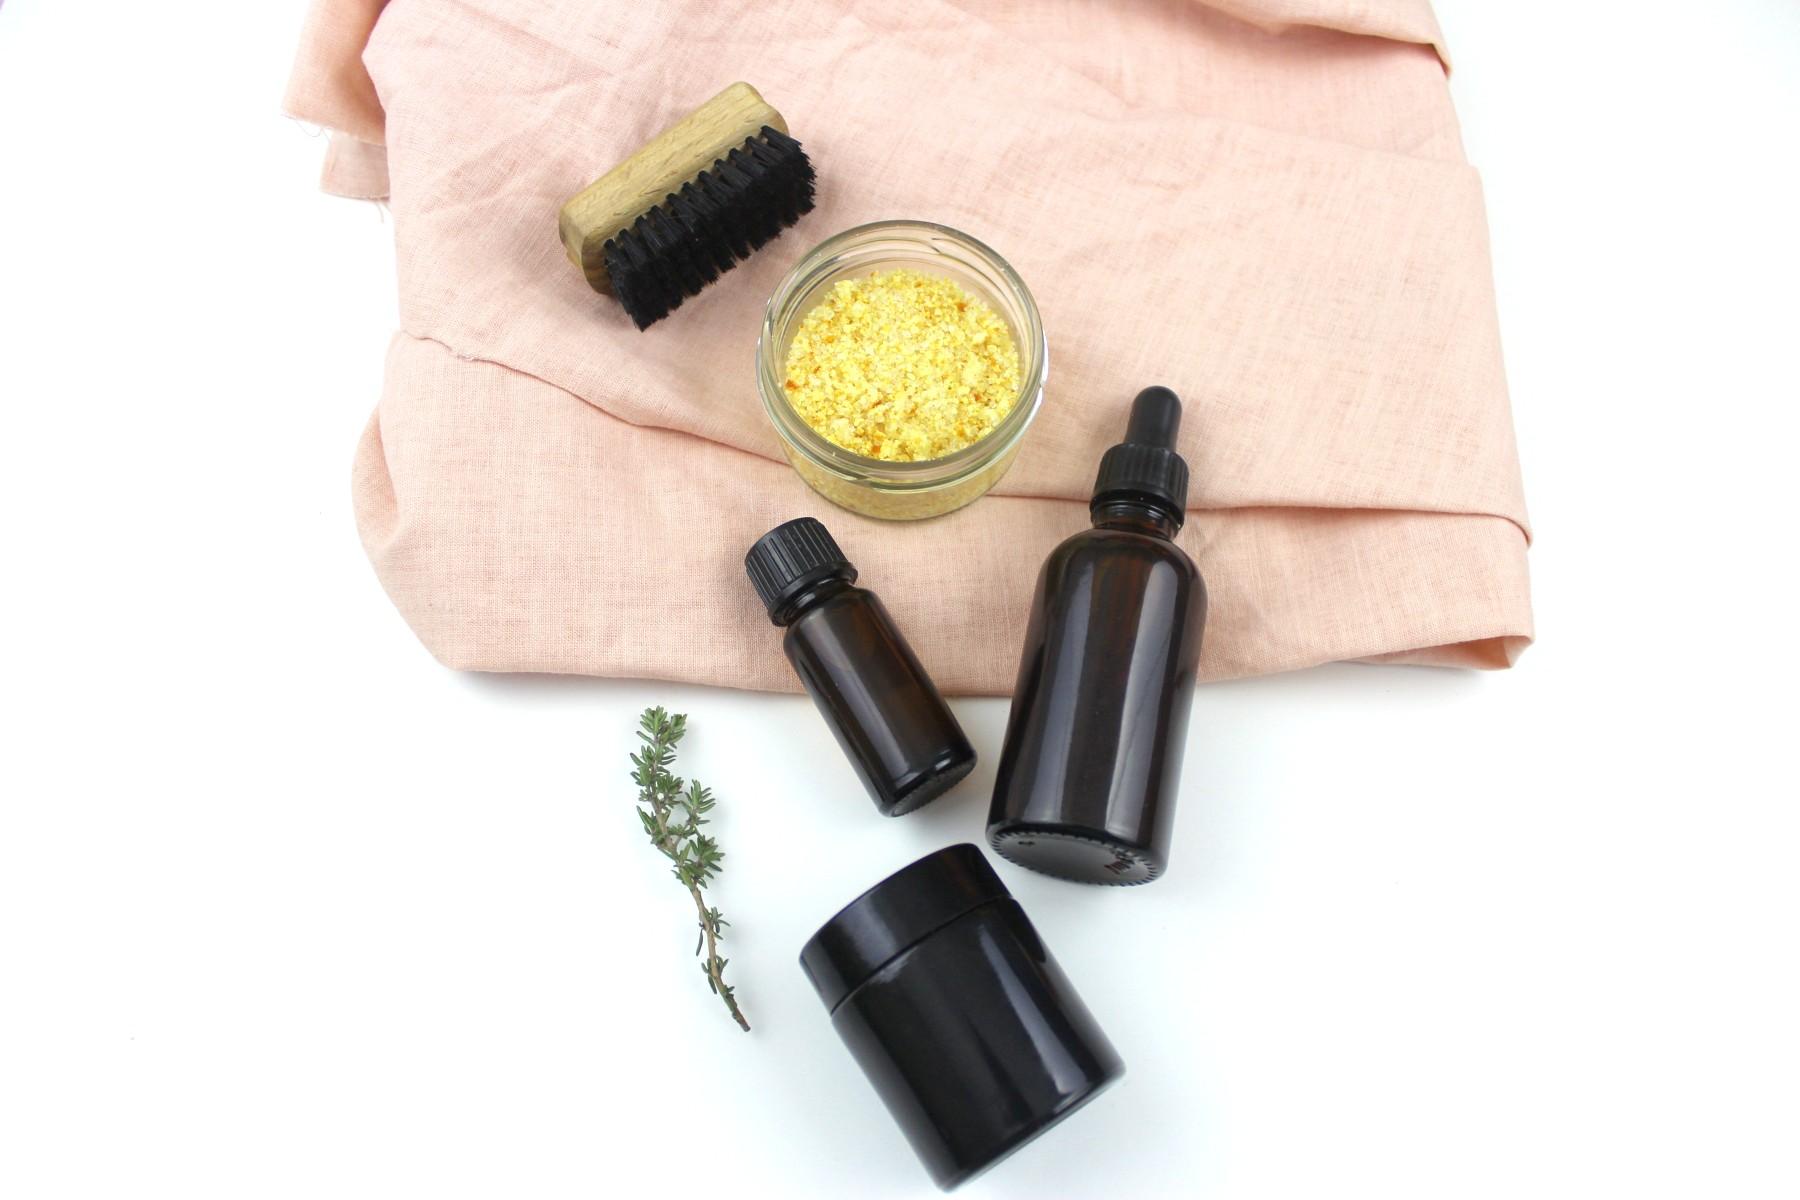 Back to Basic. - Mache deine eigenen Körperpflege-Basics für einen simplen, nachhaltigen Alltag: Deo, Peeling, Alrounder-Creme, Lip Balm und Gesichts-/Körperöl. Ganz einfach von Hand mit natürlichen Zutaten.